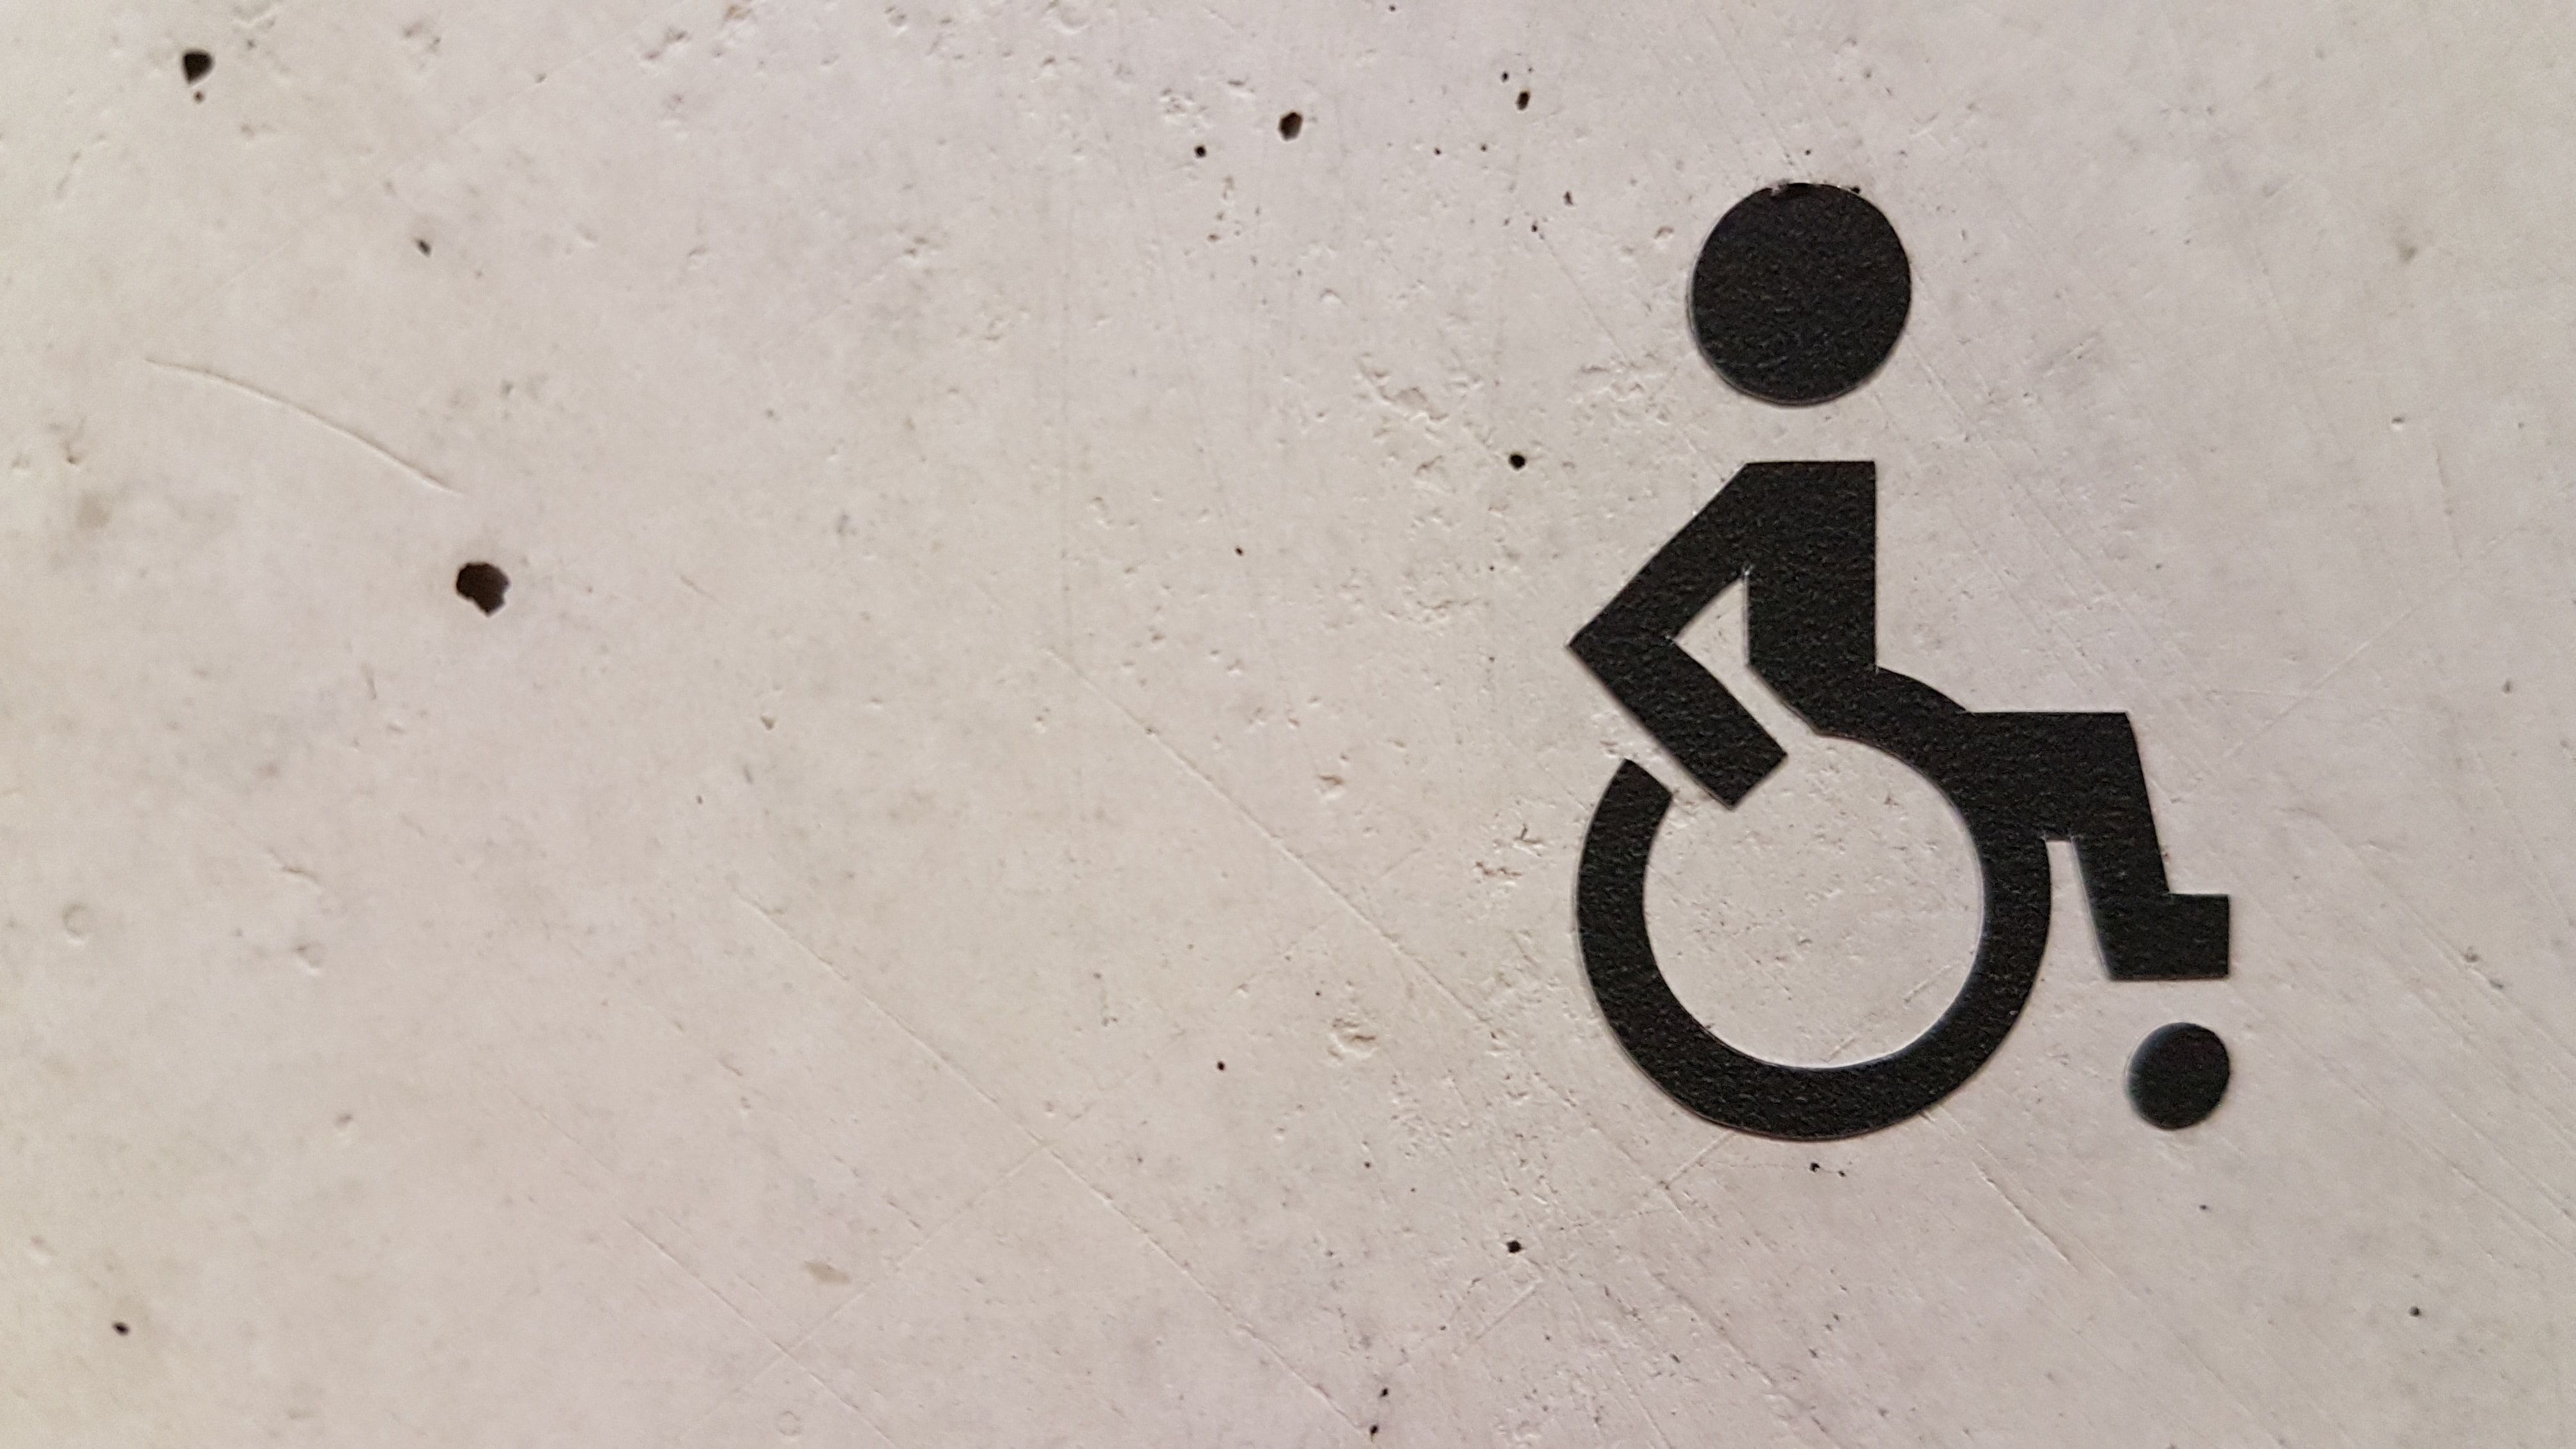 Pictogramme d'une personne en fauteuil roulant sur un mur